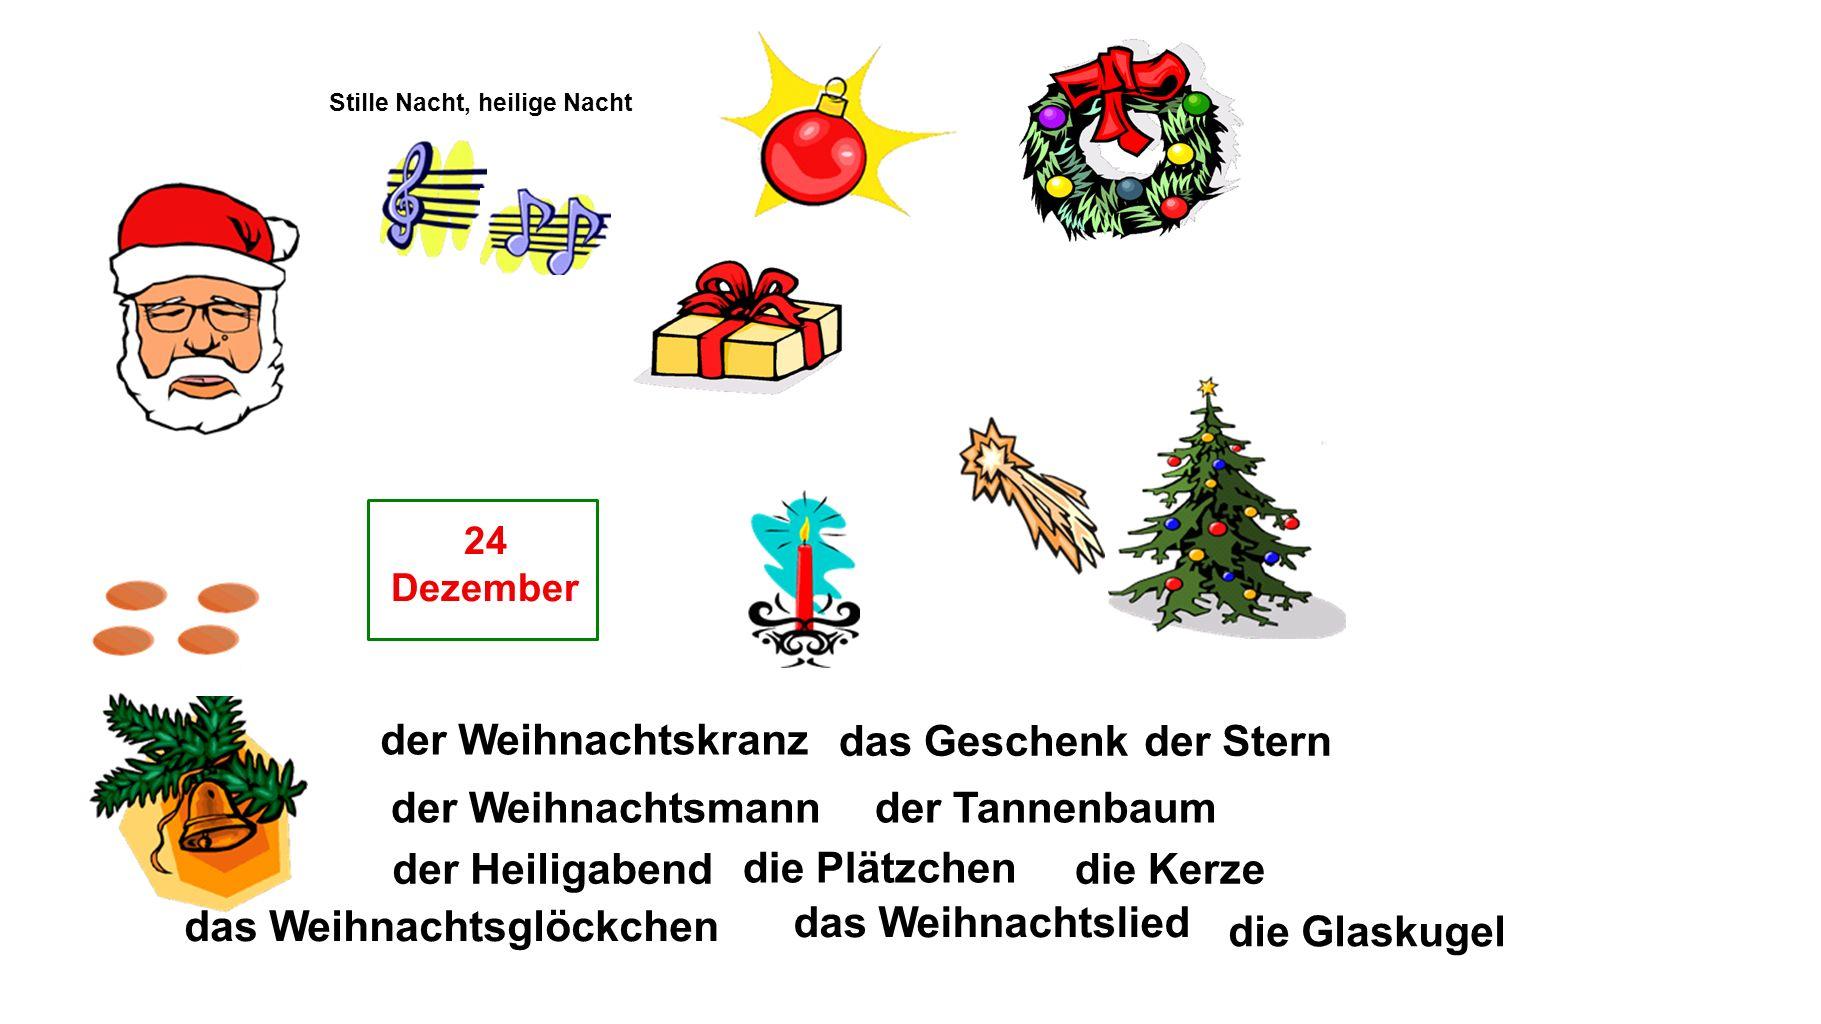 die Glaskugel der Tannenbaum die Kerze der Stern der Weihnachtskranz das Weihnachtslied die Plätzchen der Weihnachtsmann das Geschenk das Weihnachtsglöckchen 24 Dezember der Heiligabend